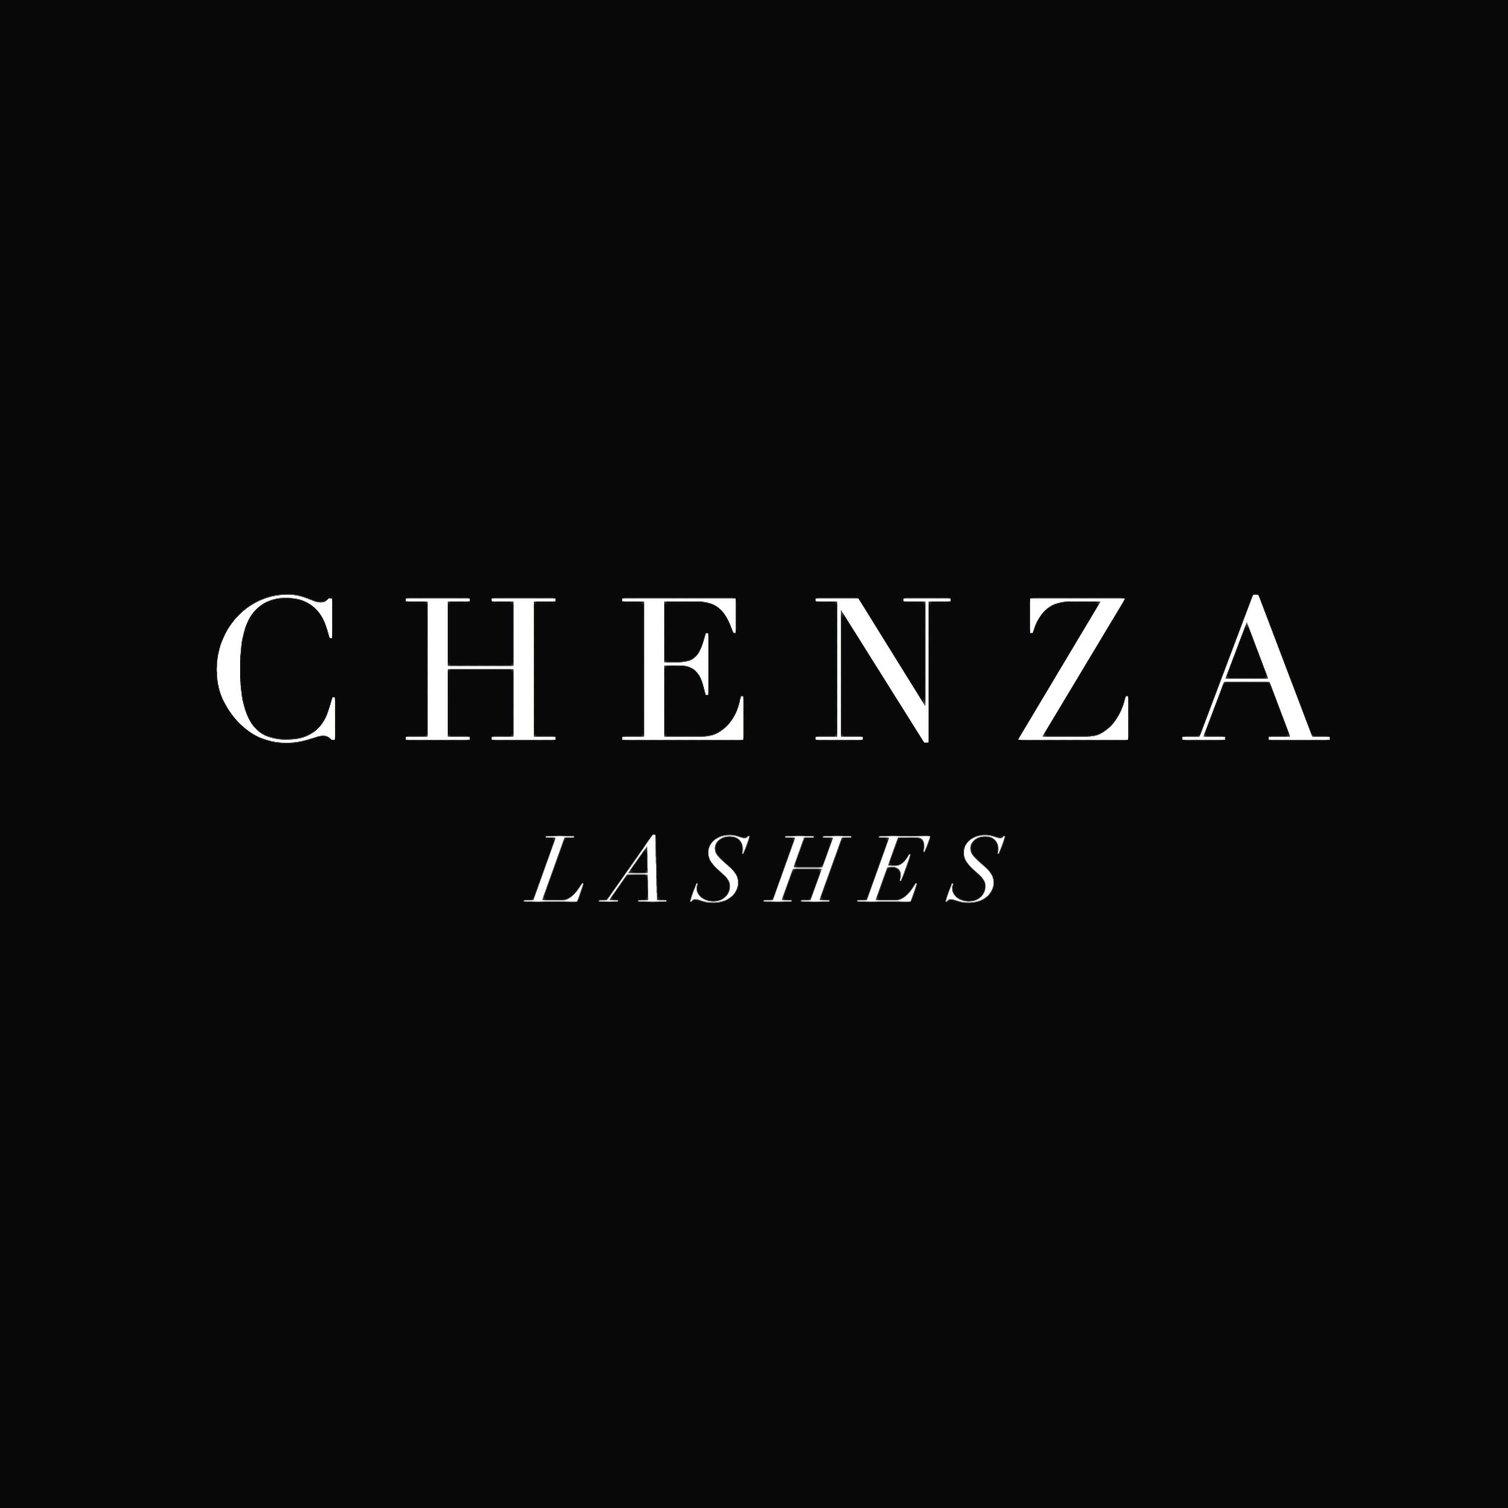 Chenza Lashes